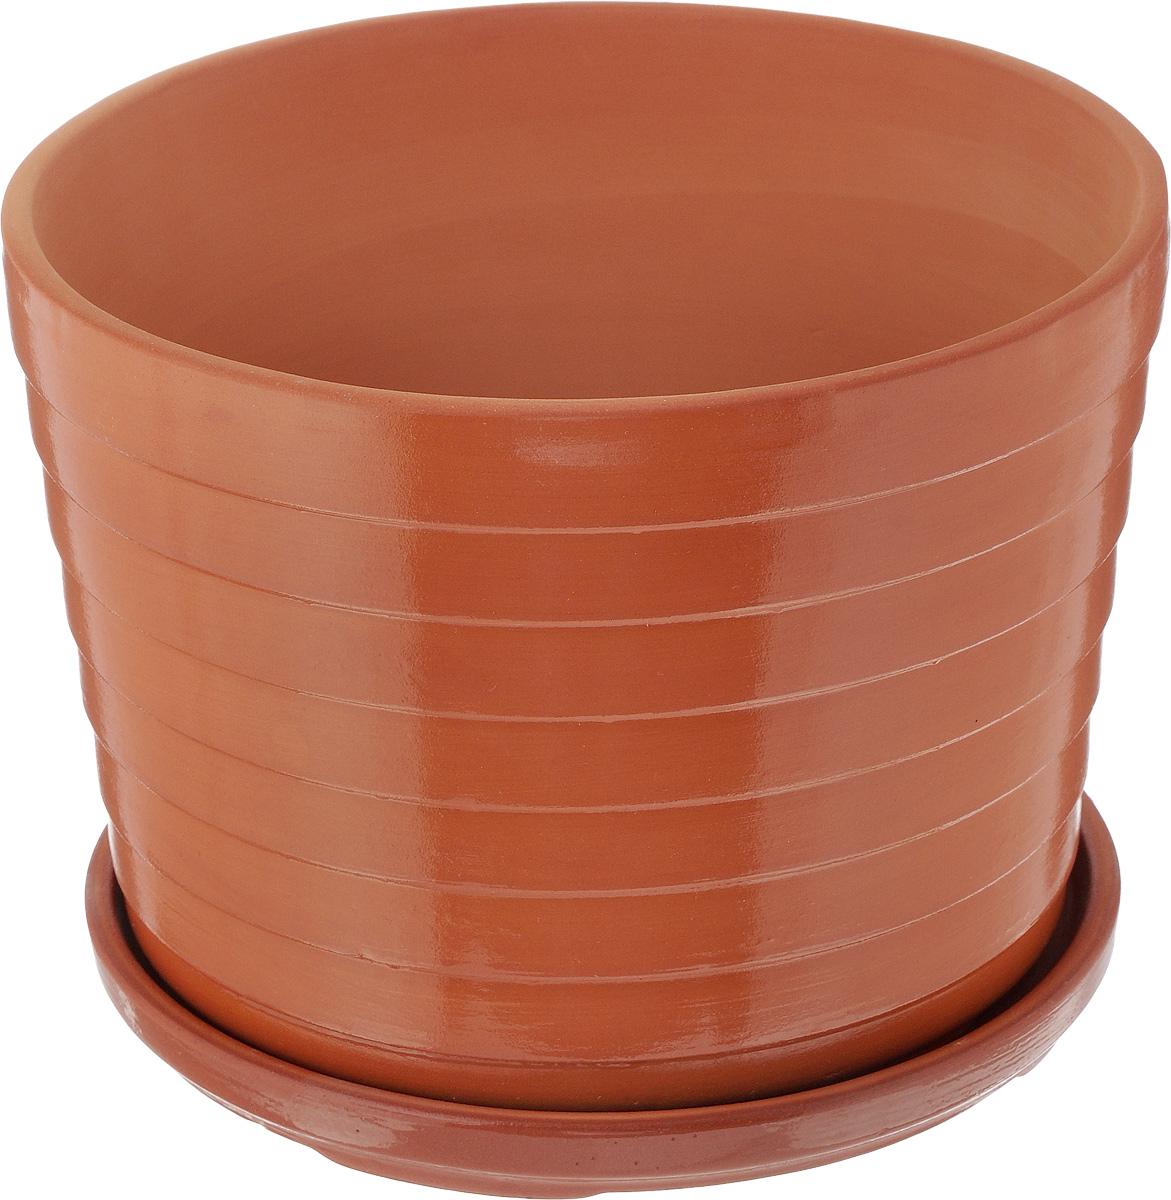 Горшок для цветов Ломоносовская керамика Риф, с поддоном, 3,5 л3Цр3-3Горшок Ломоносовская керамика Риф изготовлен из высококачественной керамики и оснащен поддоном для стока воды.Изделие прекрасно подойдет для выращивания растений дома и на приусадебных участках.Диаметр (по верхнему краю): 22 см.Высота (с поддоном): 16 см.Размер поддона: 21 х 21 х 2 см.